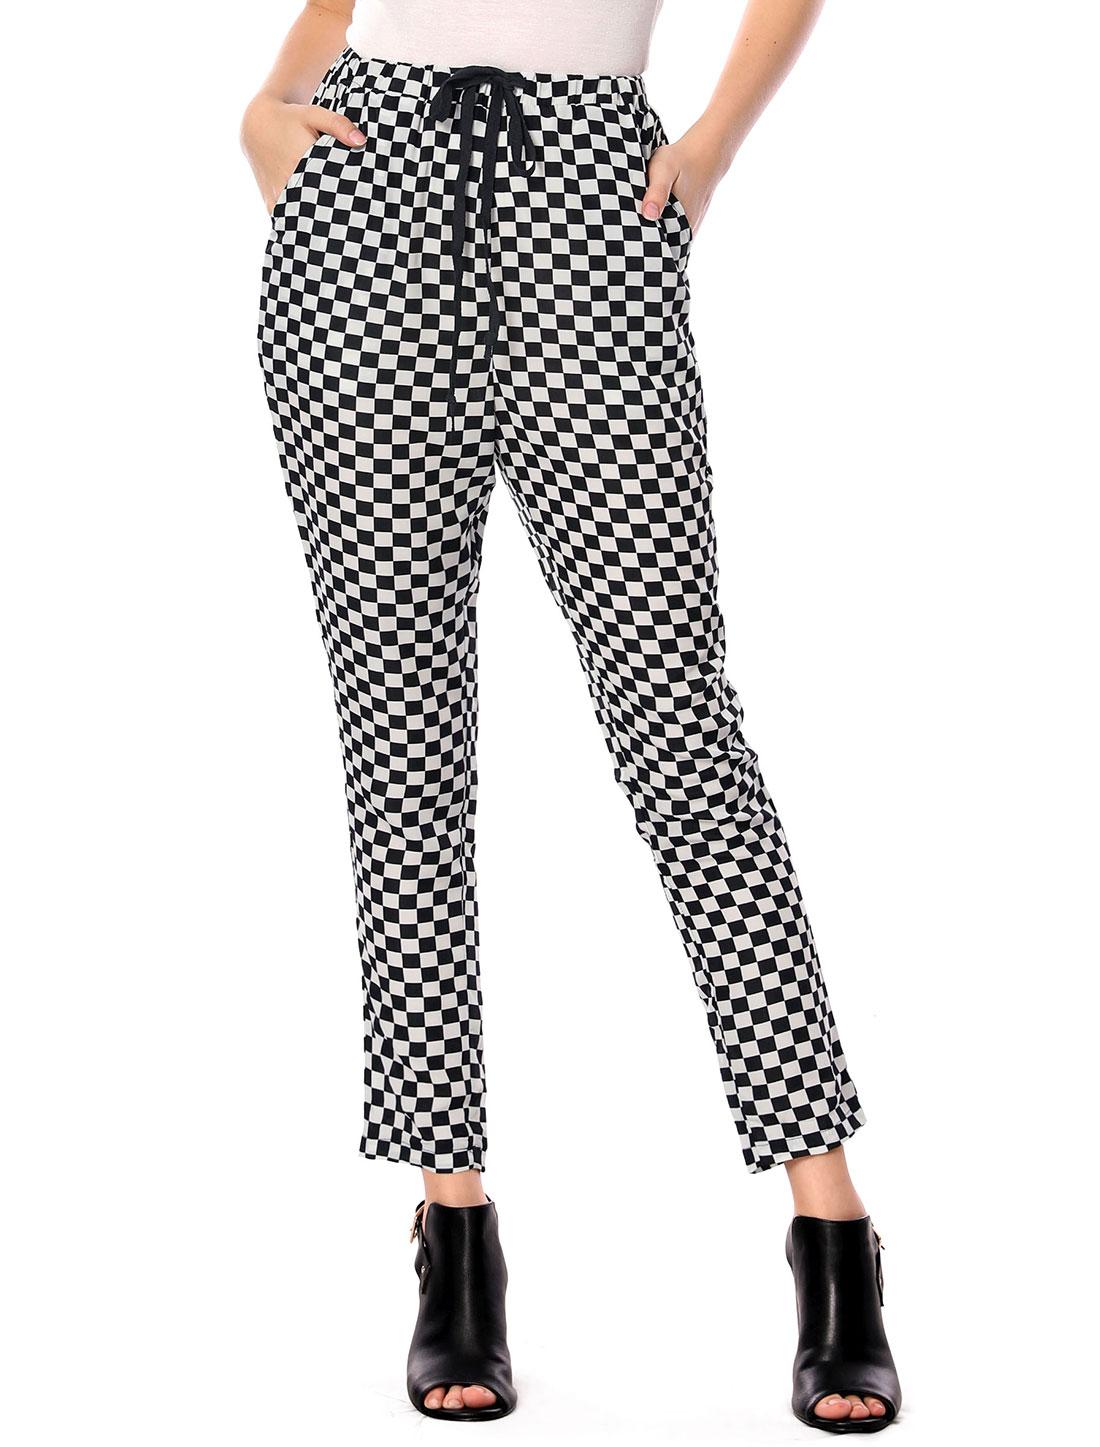 Lady Drawstring Check Pattern Fake Hip Pockets Pants Black White XL